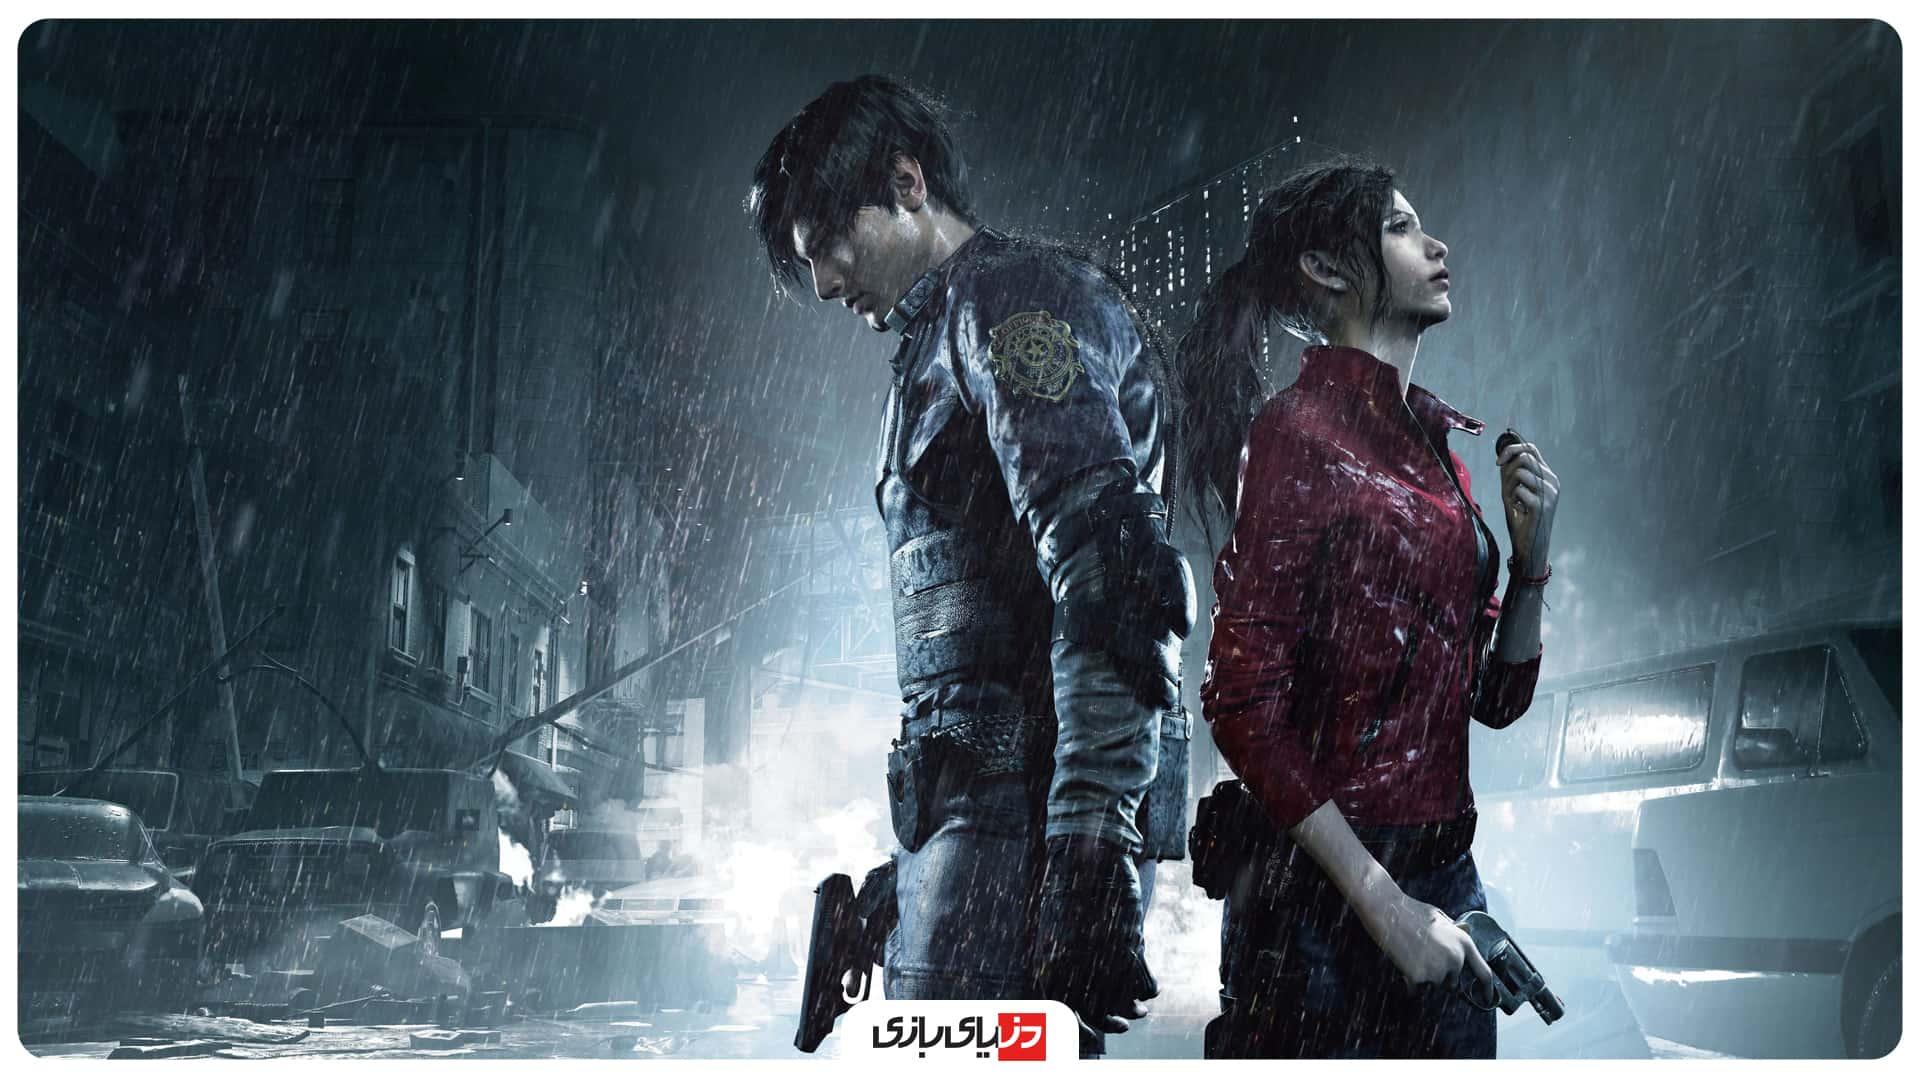 ترسناک ترین بازی های جهان - Resident Evil 2 Remake